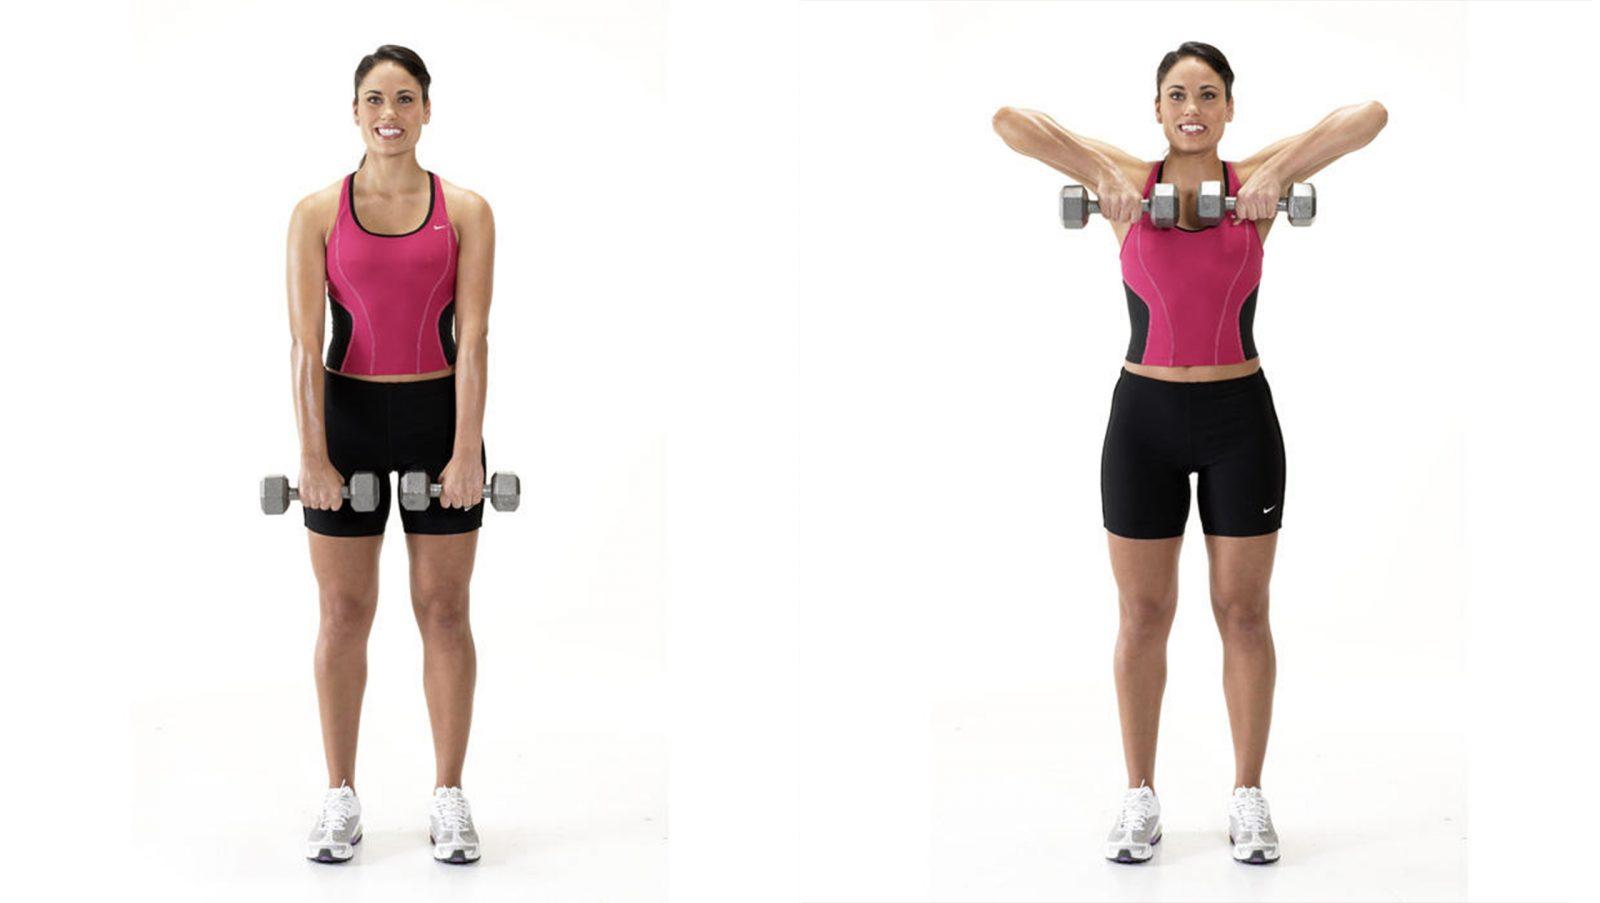 Похудеть Верхней Части Рук. Быстрое похудение рук и плеч: упражнения и диета